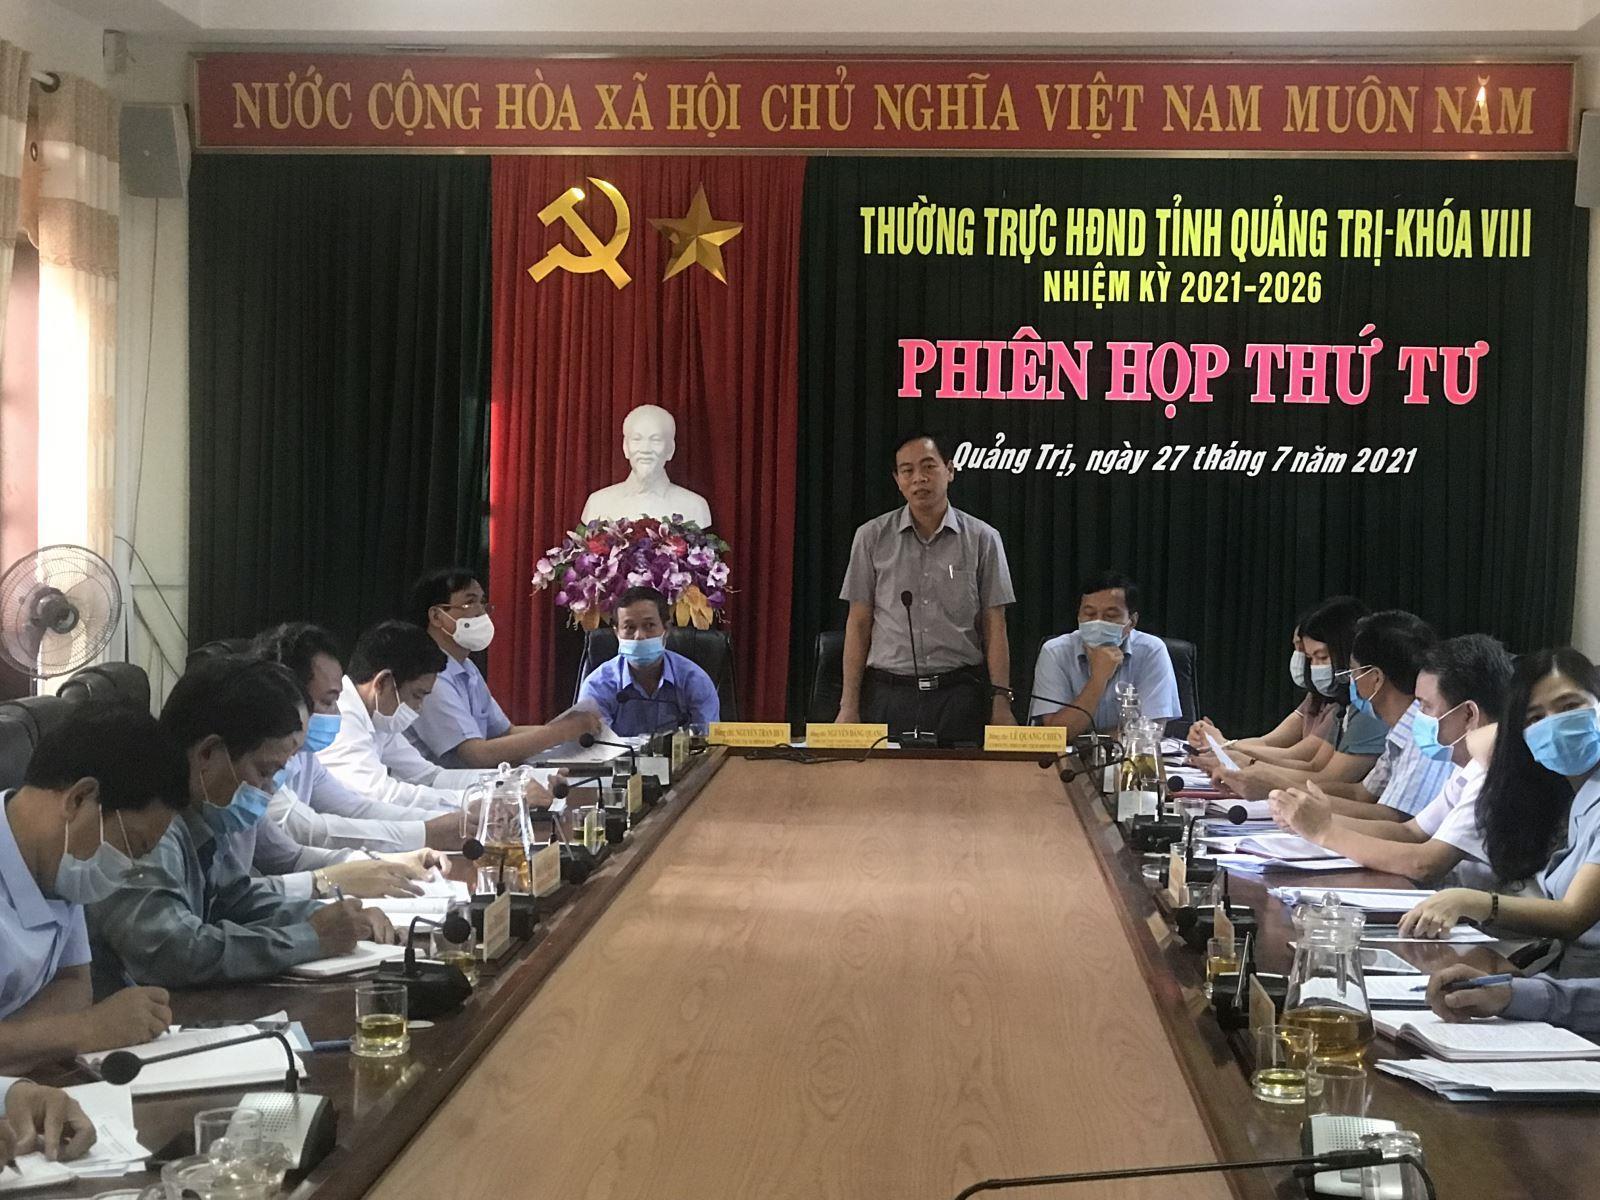 Thường trực HĐND tỉnh khoá VIII tổ chức phiên họp thứ 4